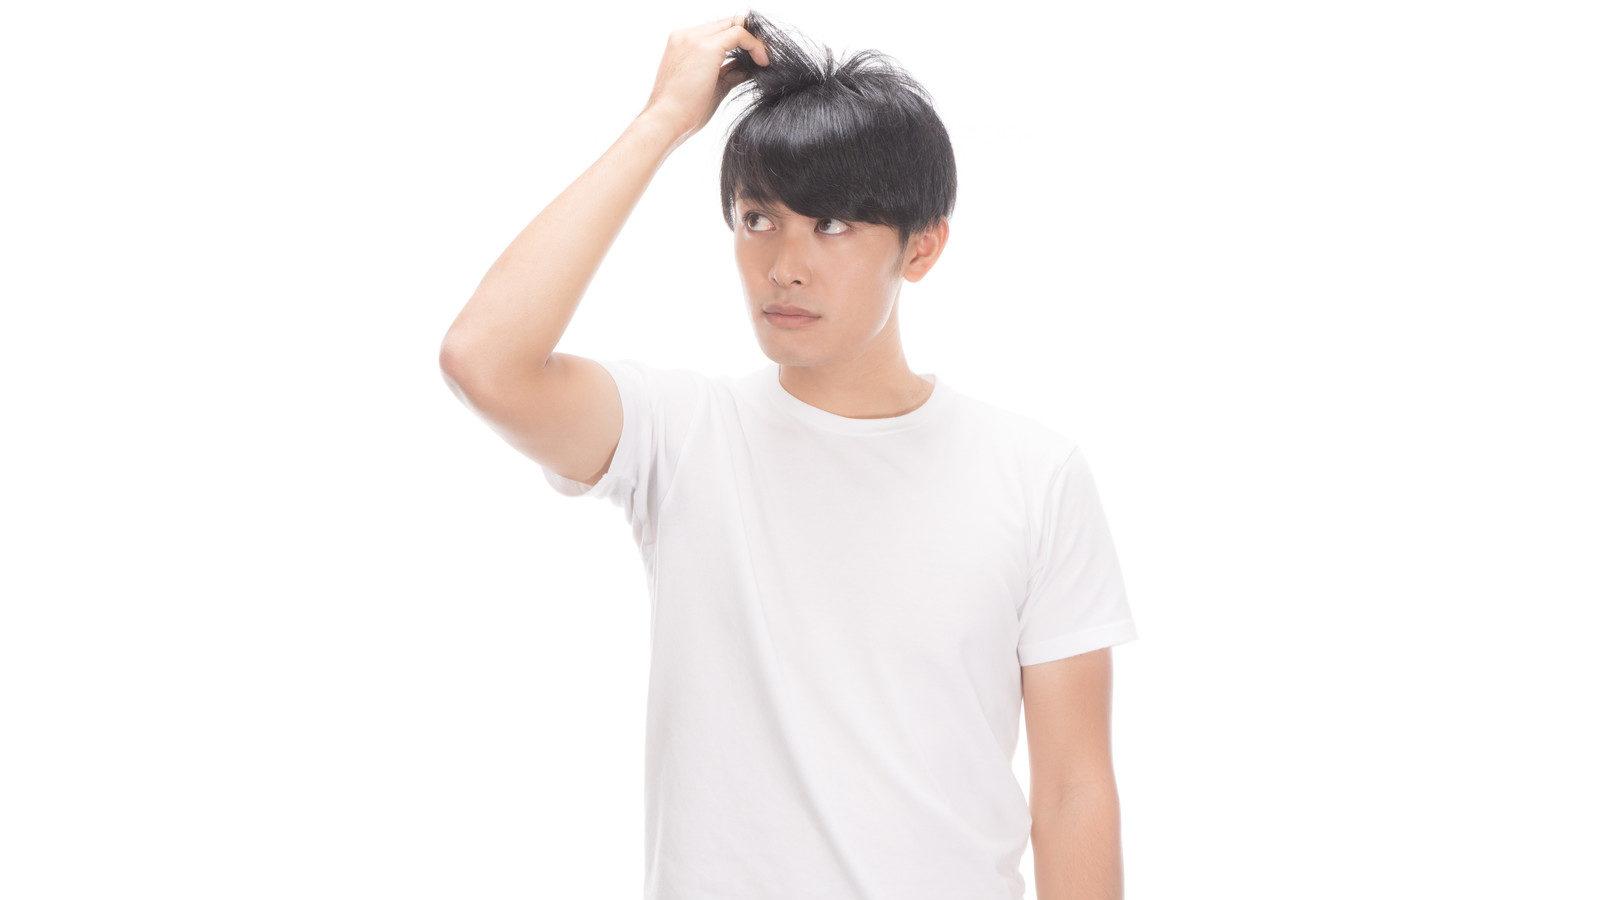 髪の毛がボサボサな事で悩む男